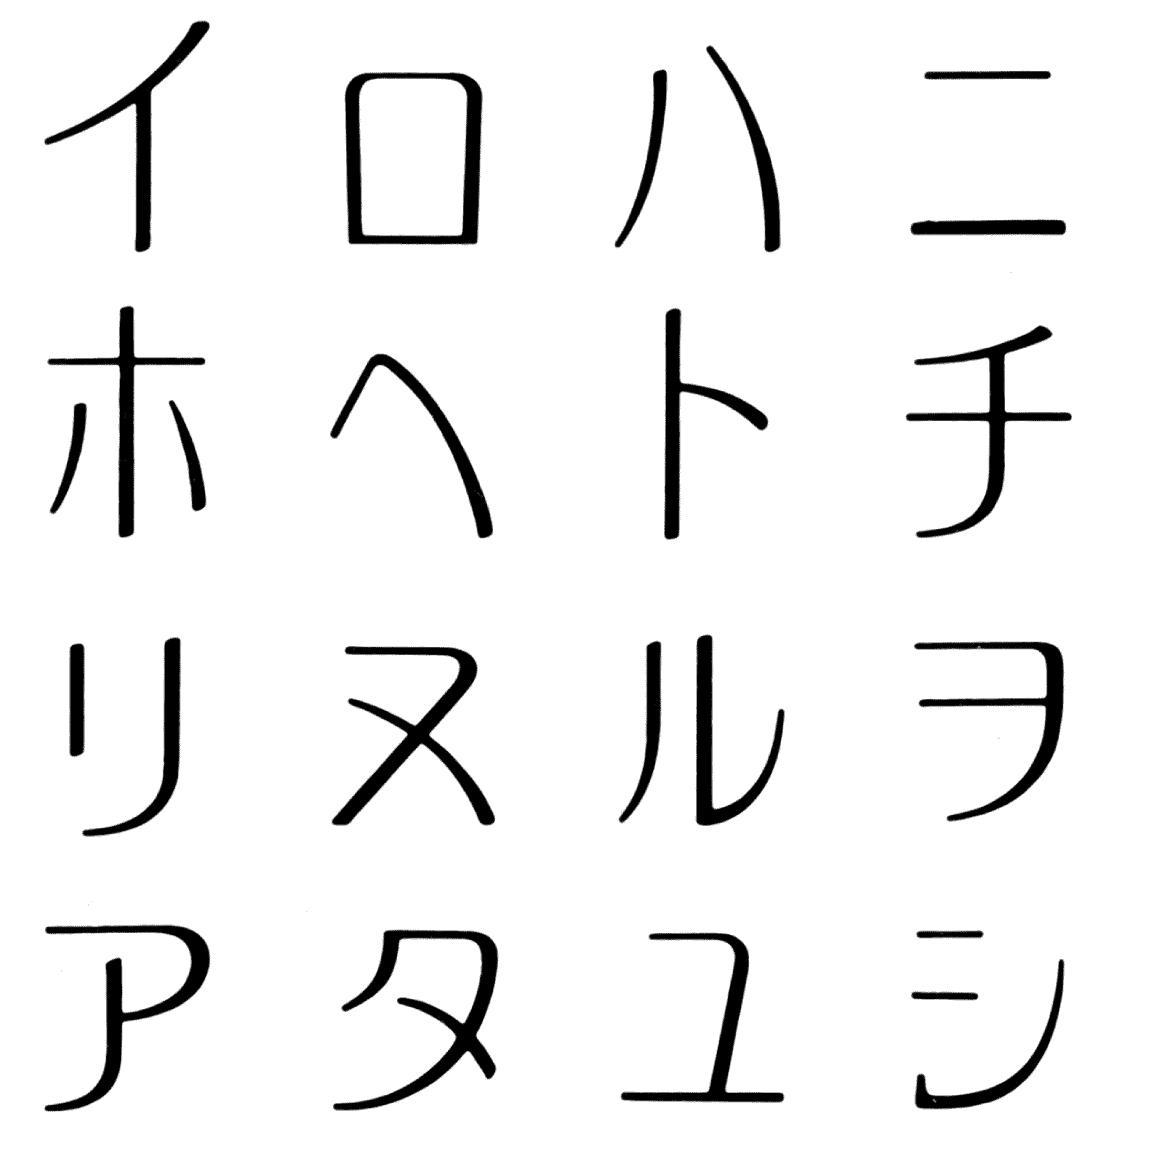 アキラ KB 字形見本